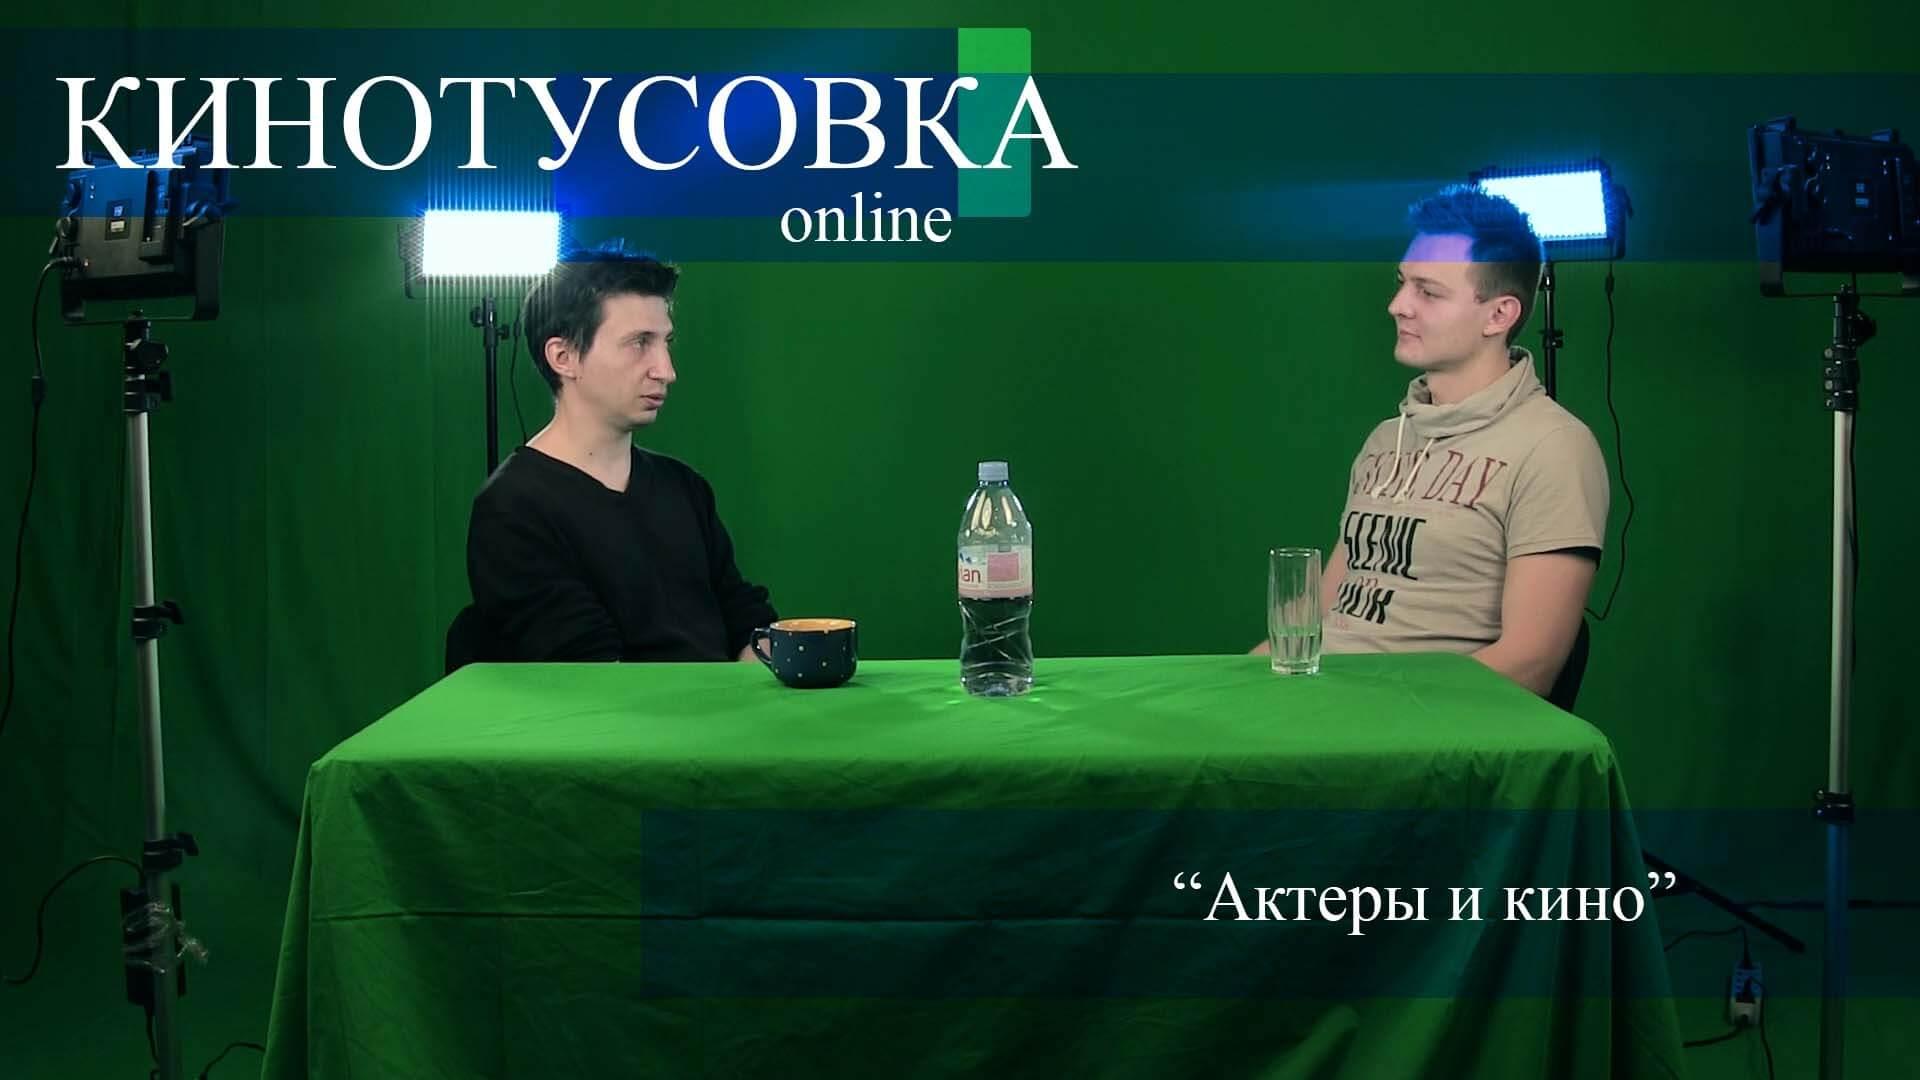 online 4 - Actors